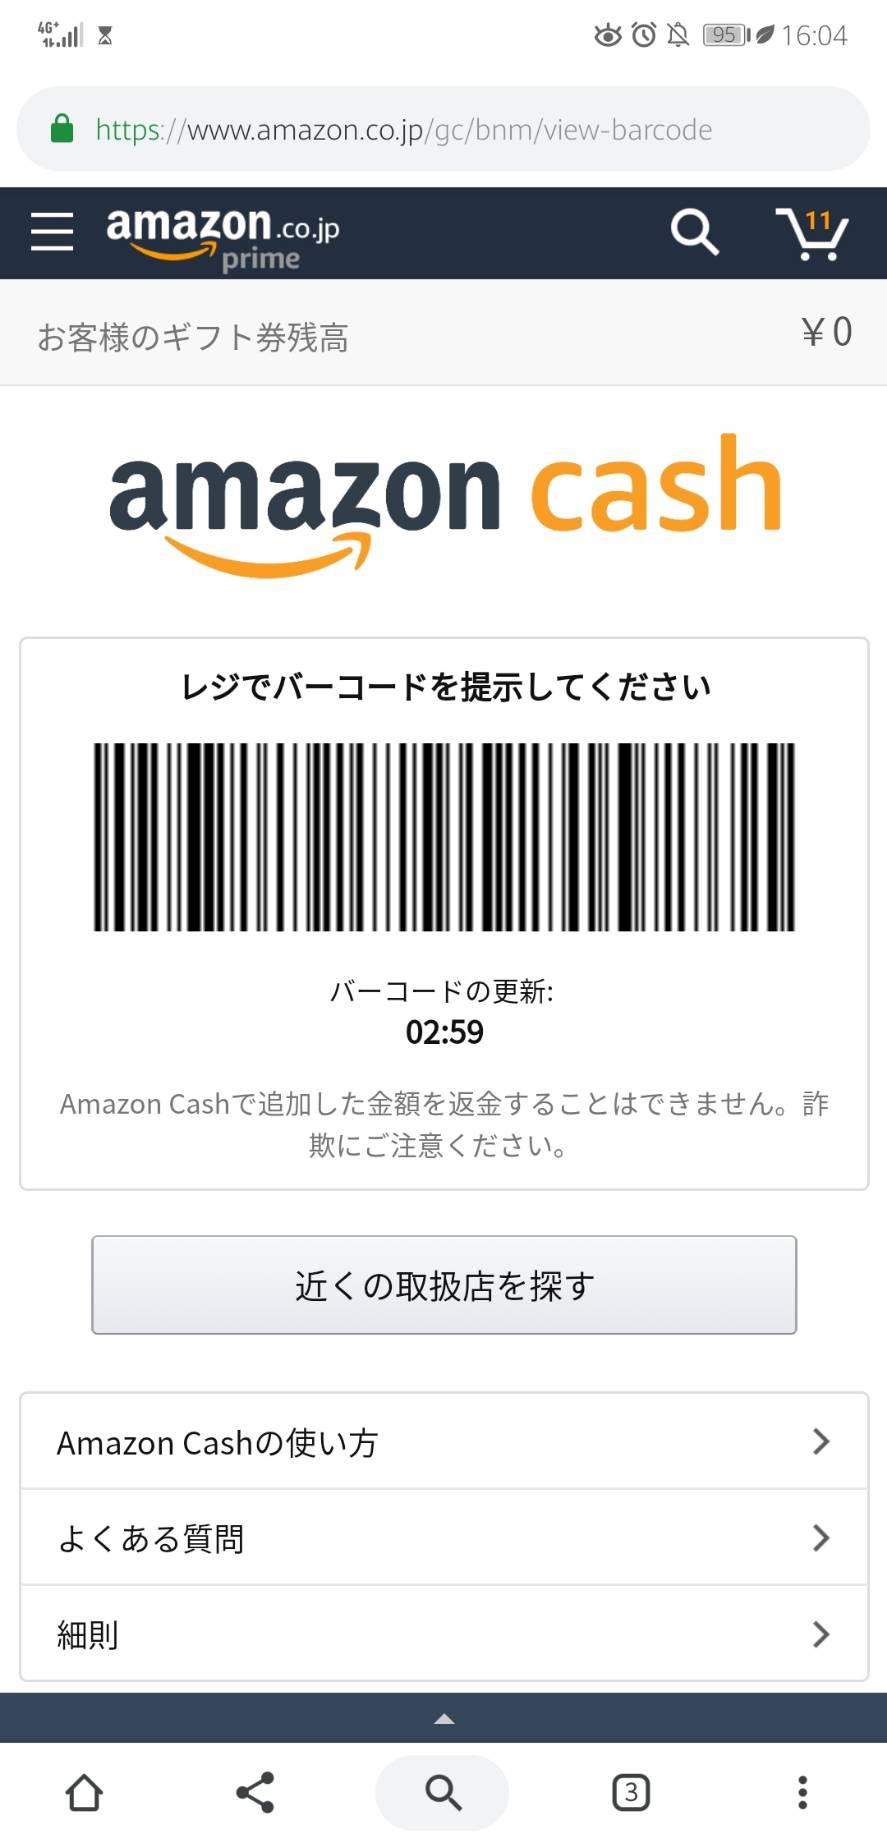 Amazoncashのバーコード画面